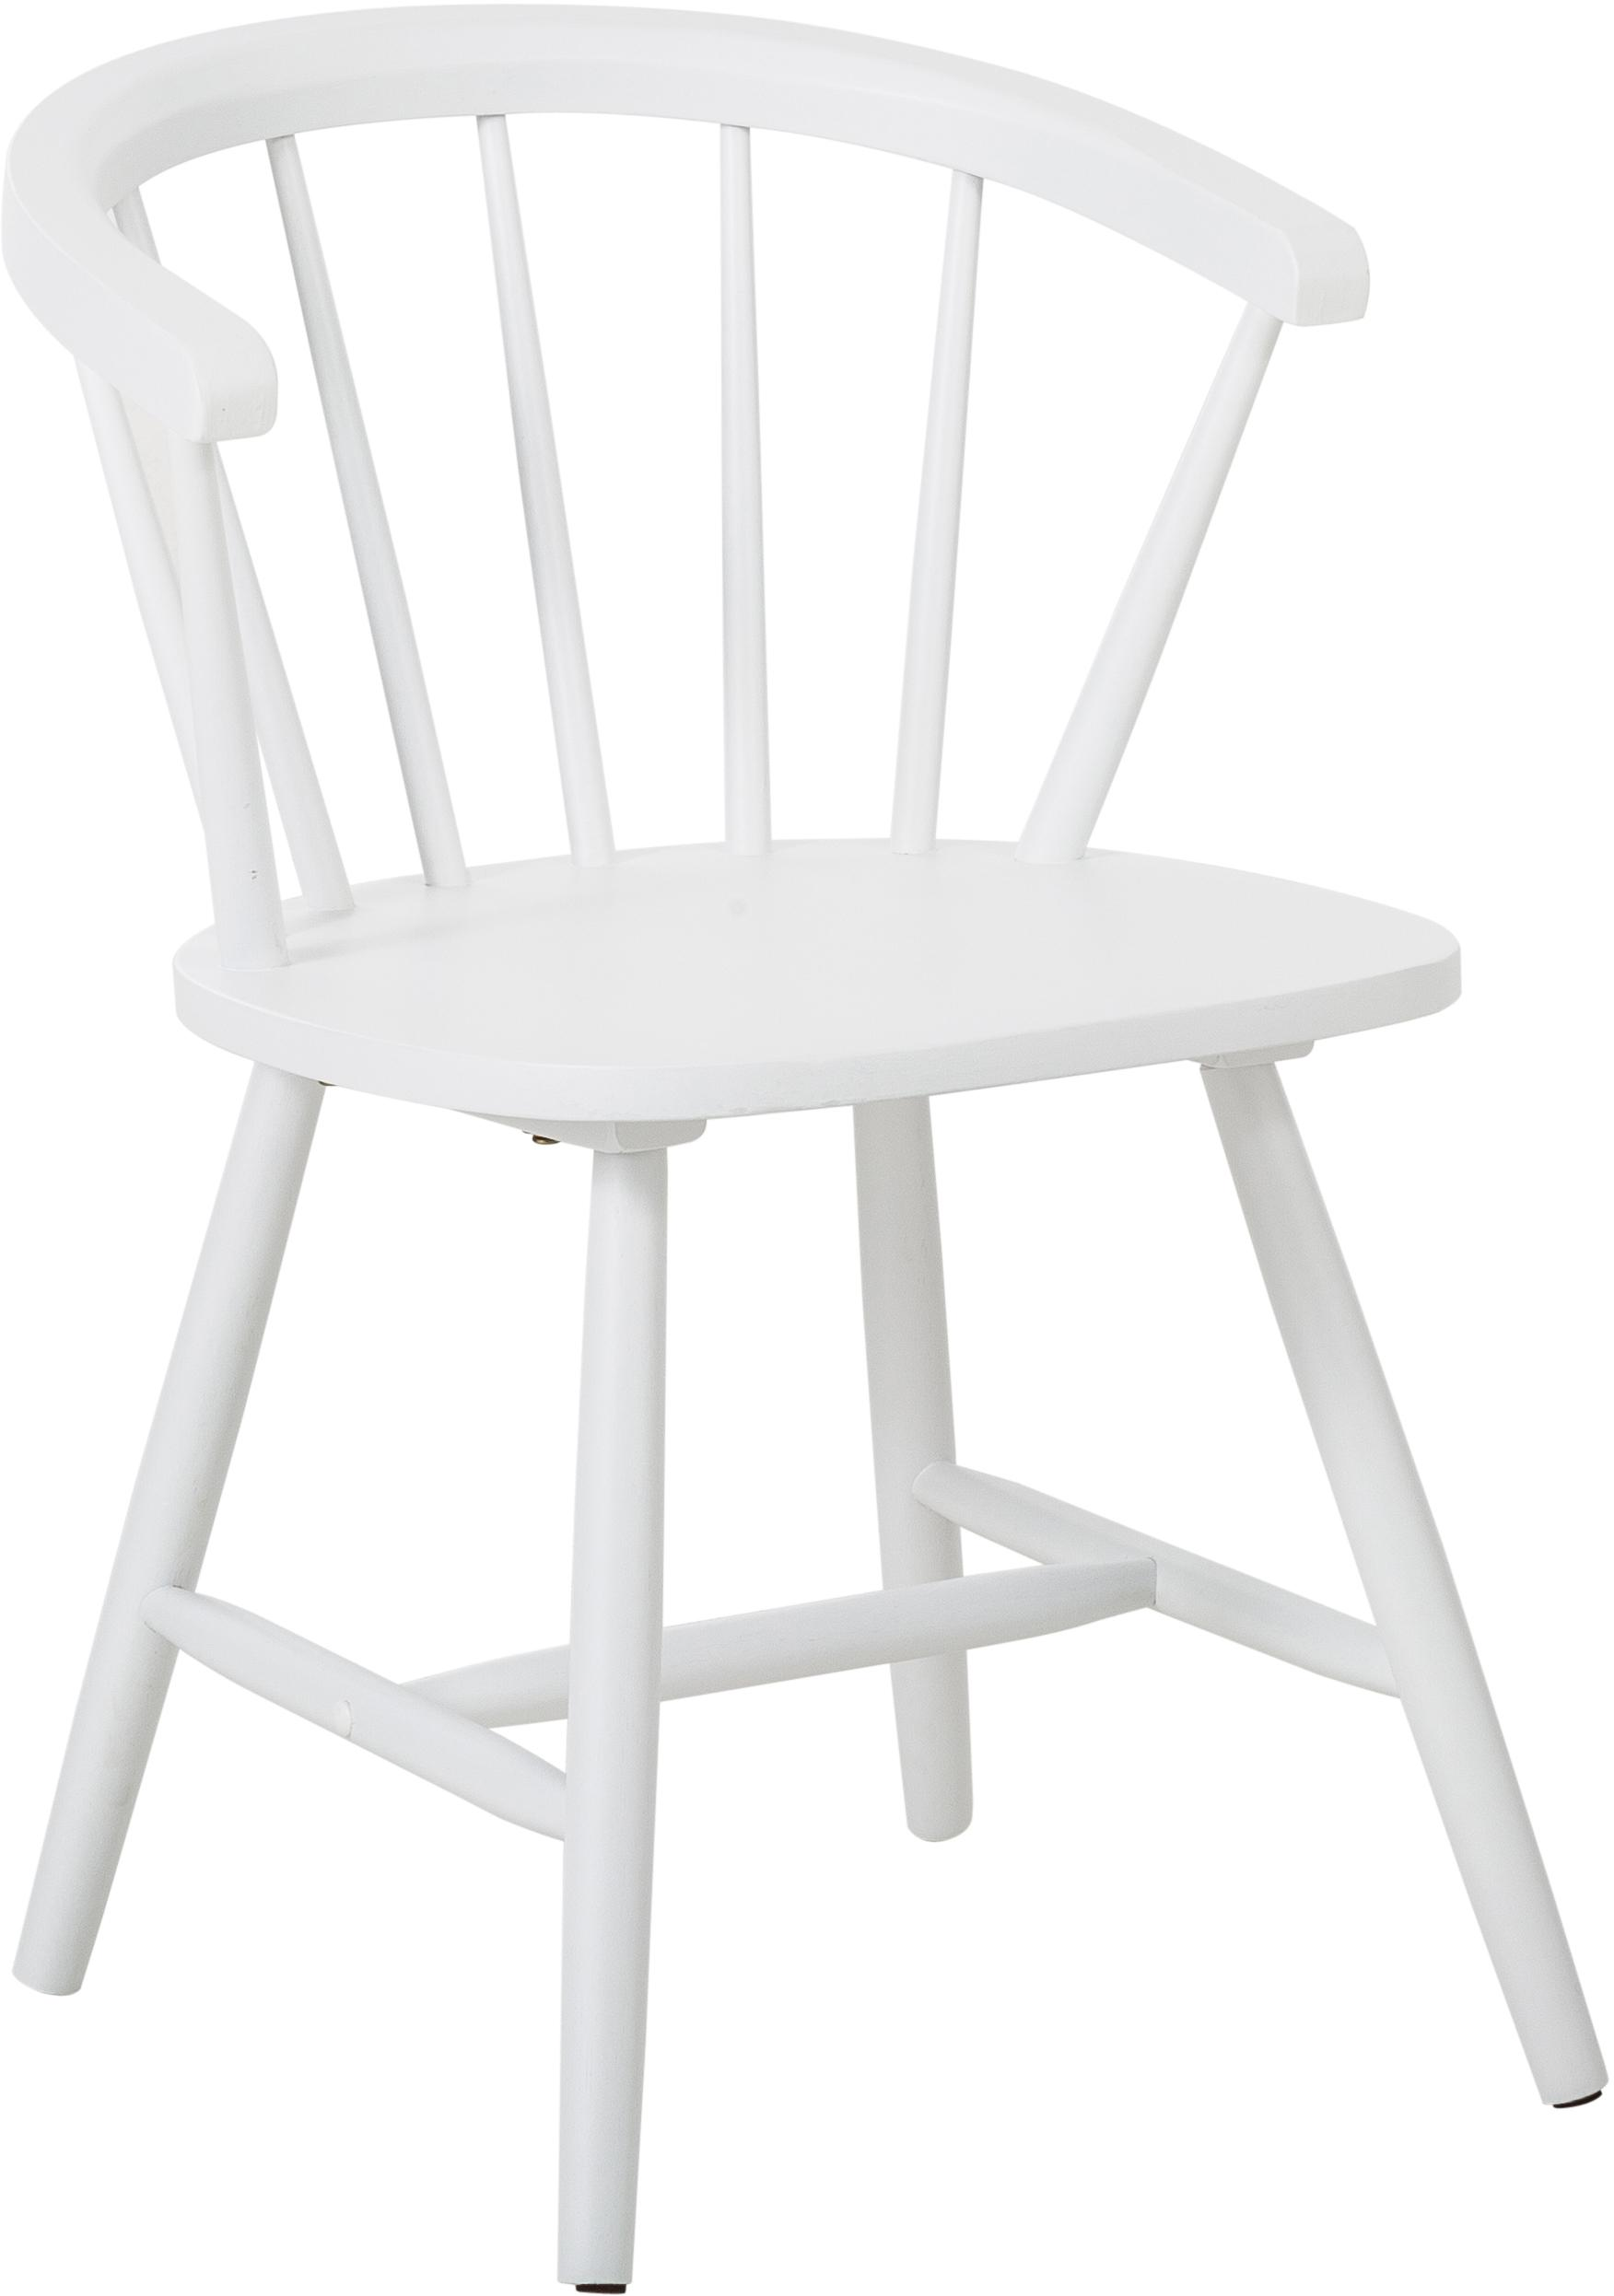 Krzesło z podłokietnikami z drewna Megan, 2 szt., Drewno kauczukowe, lakierowane, Biały, S 53 x G 52 cm